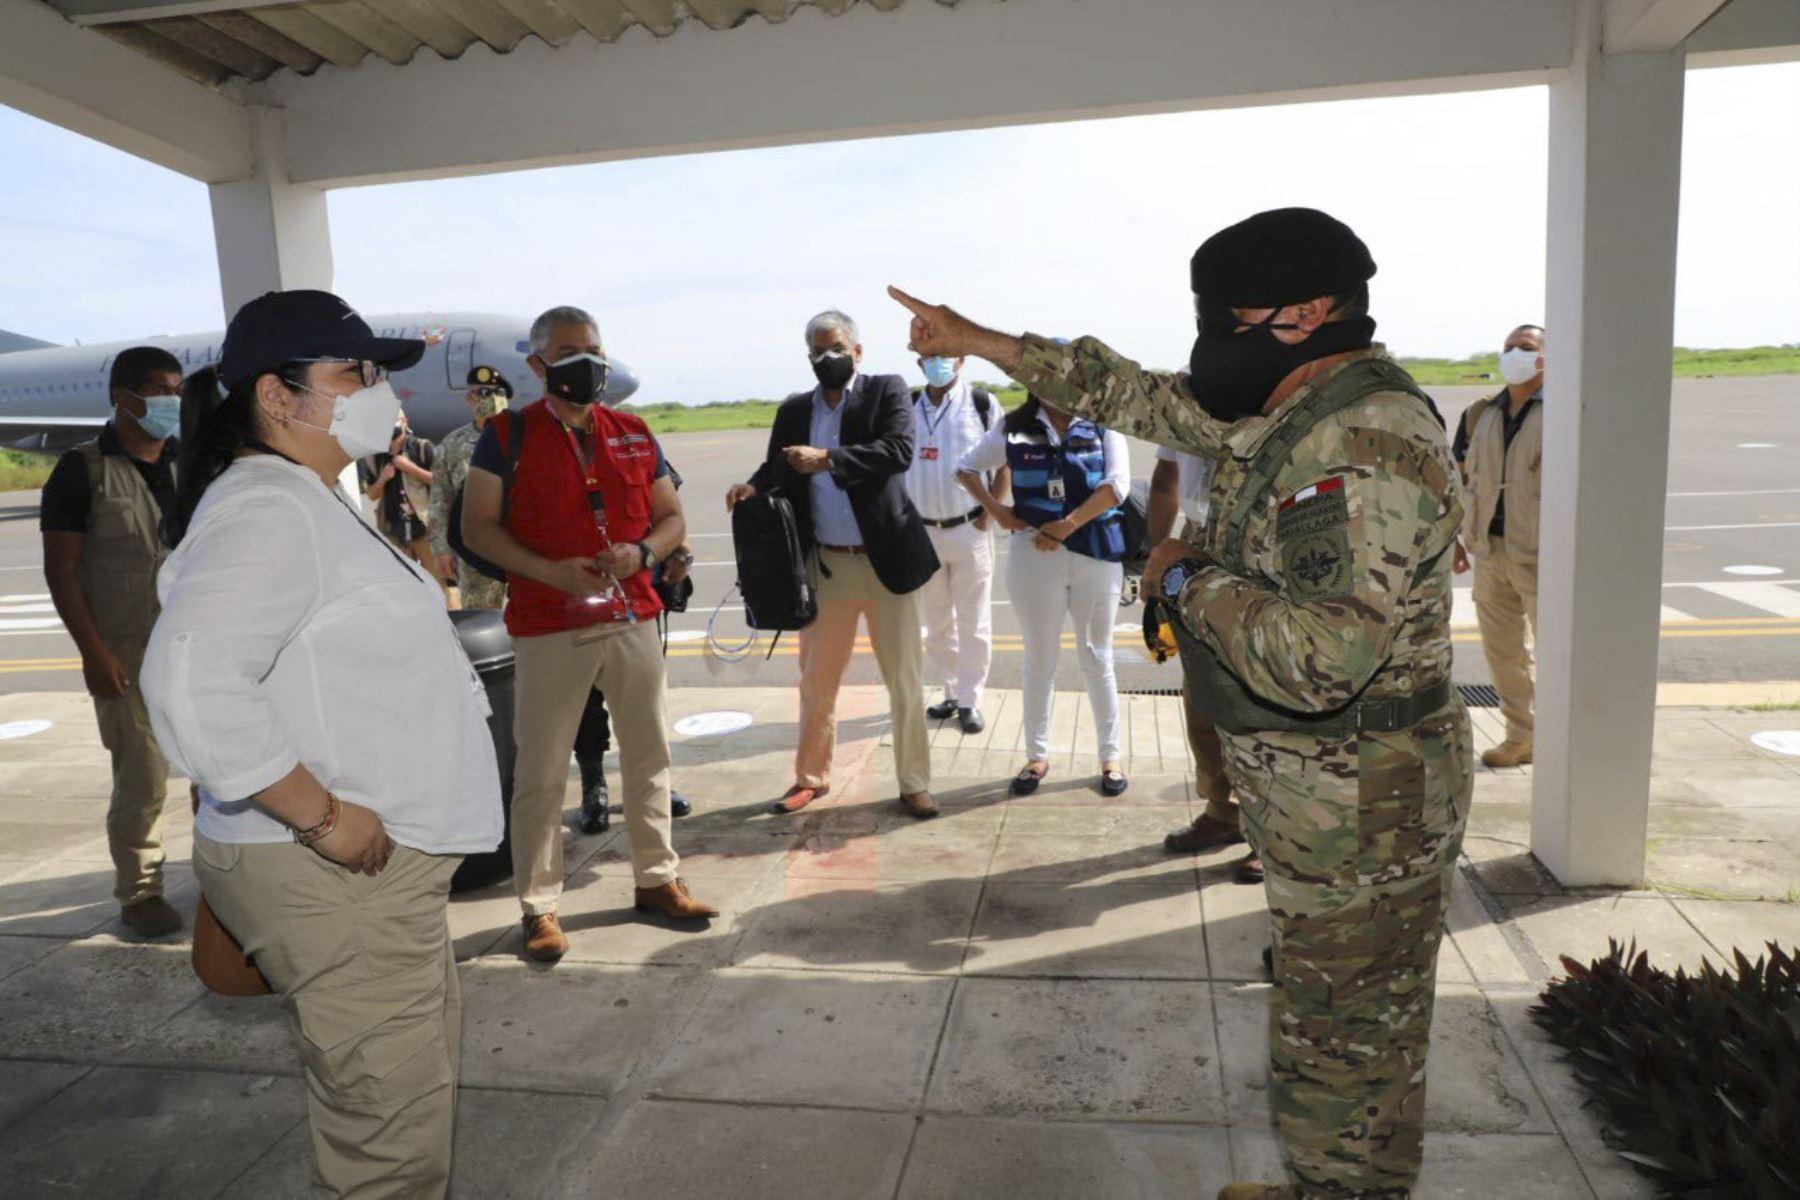 Acciones de vigilancia y prevención ante el avance del Covid-19. Fuerzas Armadas despliegan unidades blindadas y personal para reforzar la seguridad y el control en la frontera norte del Perú. Foto: @CCFFAA_PERU